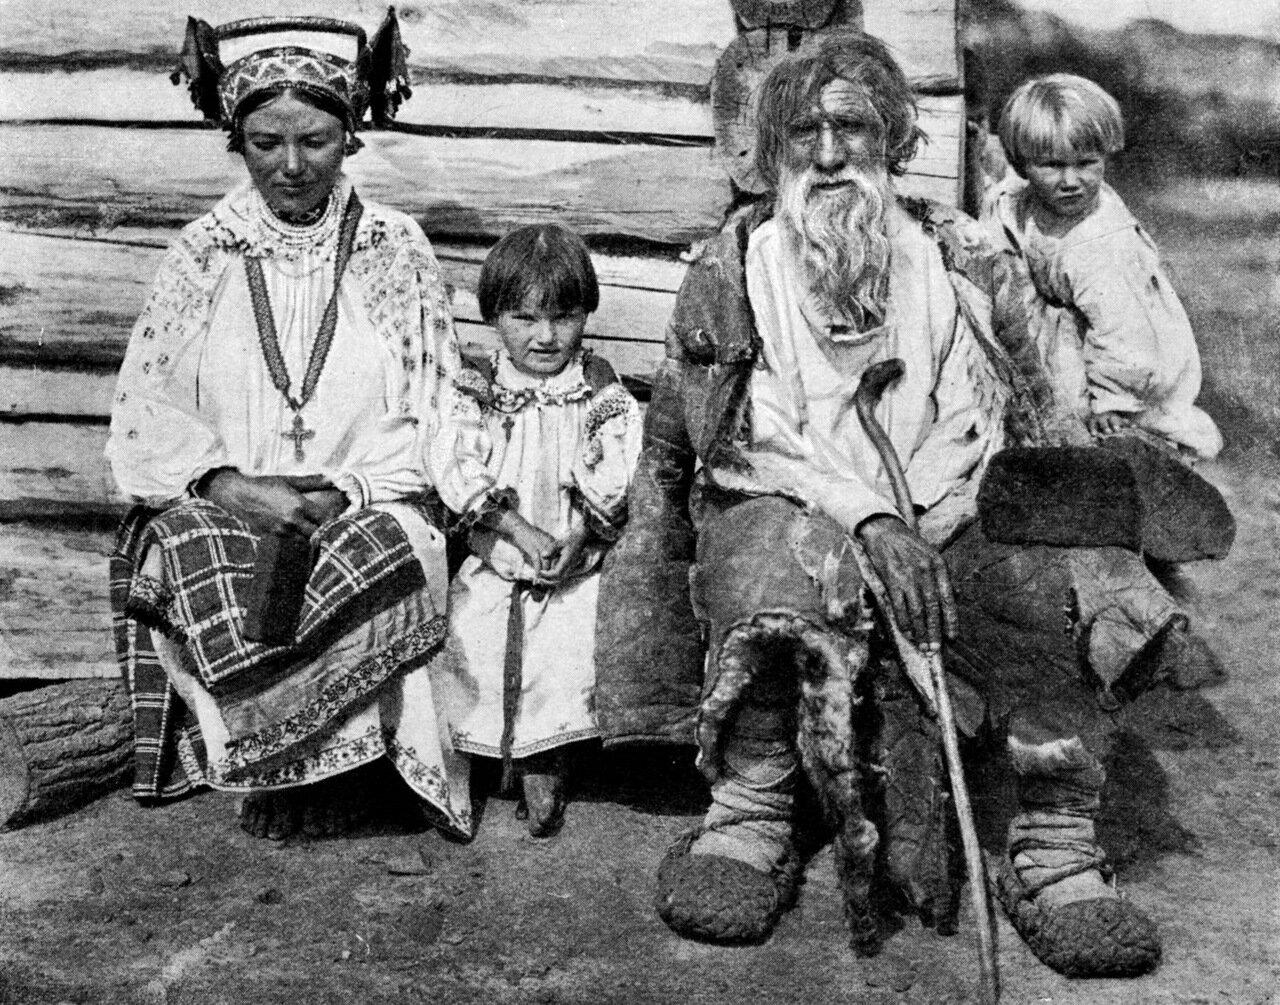 14. Группа, снятая в деревне Логаревке, где молодуха одета в паневу и праздничный повойник.